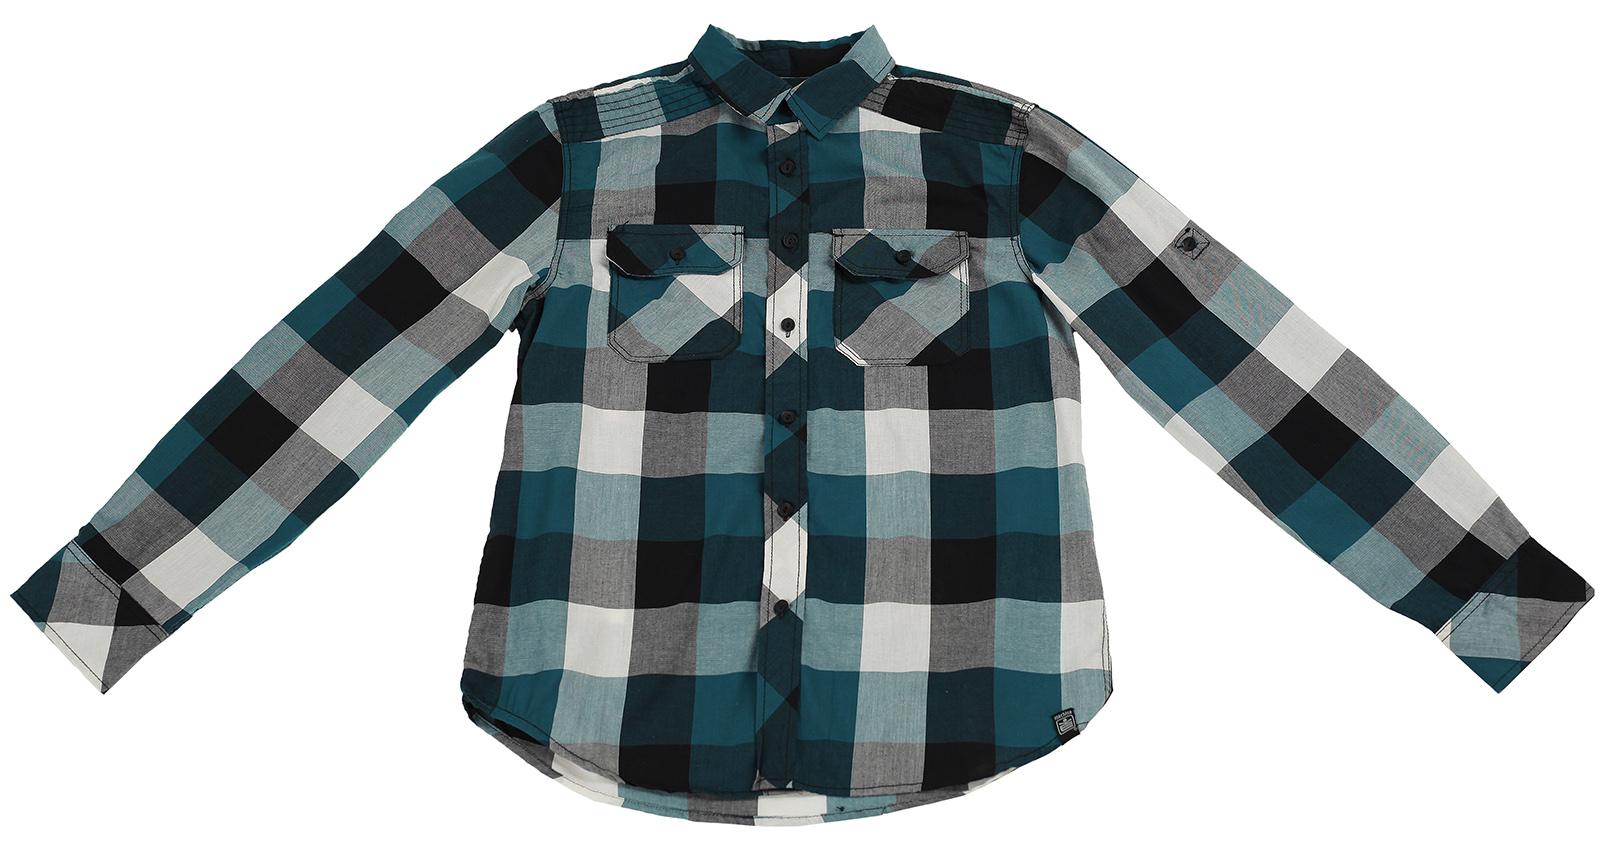 Клетчатая рубашка из натуральной ткани от Machine для мужчин с характером